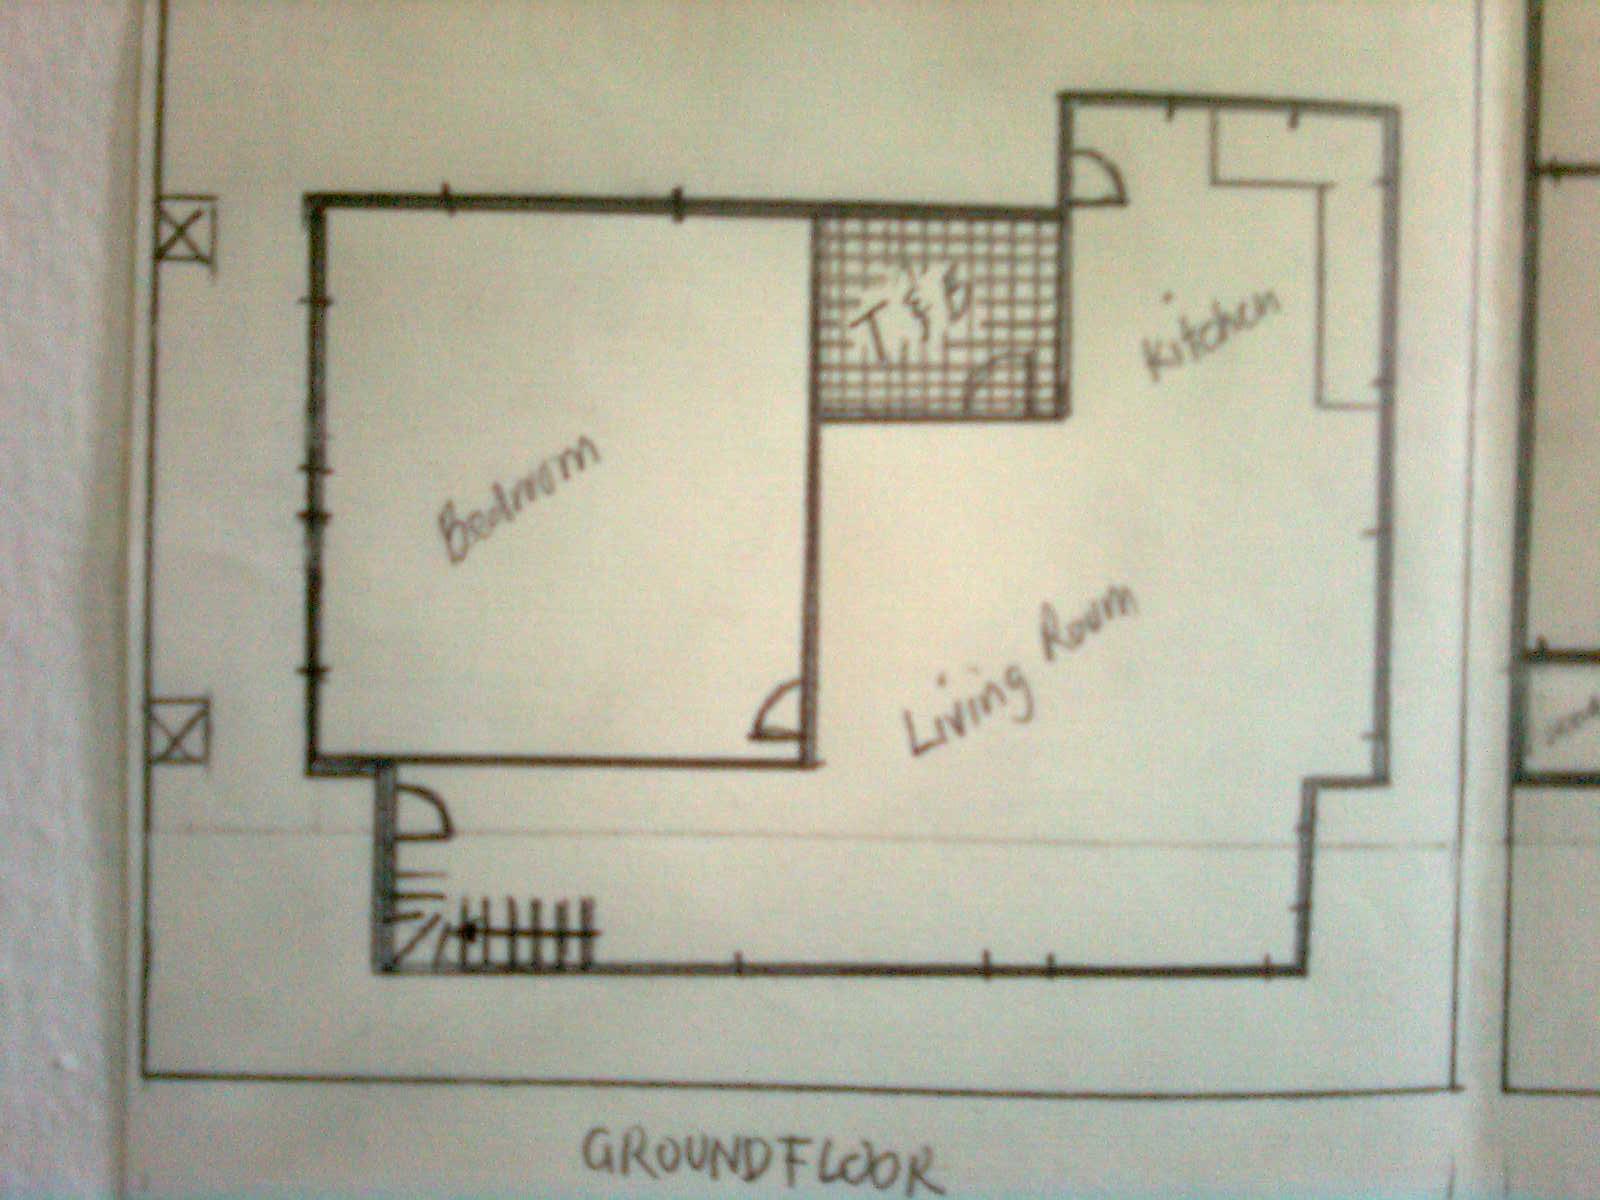 floor plan - groundfloor